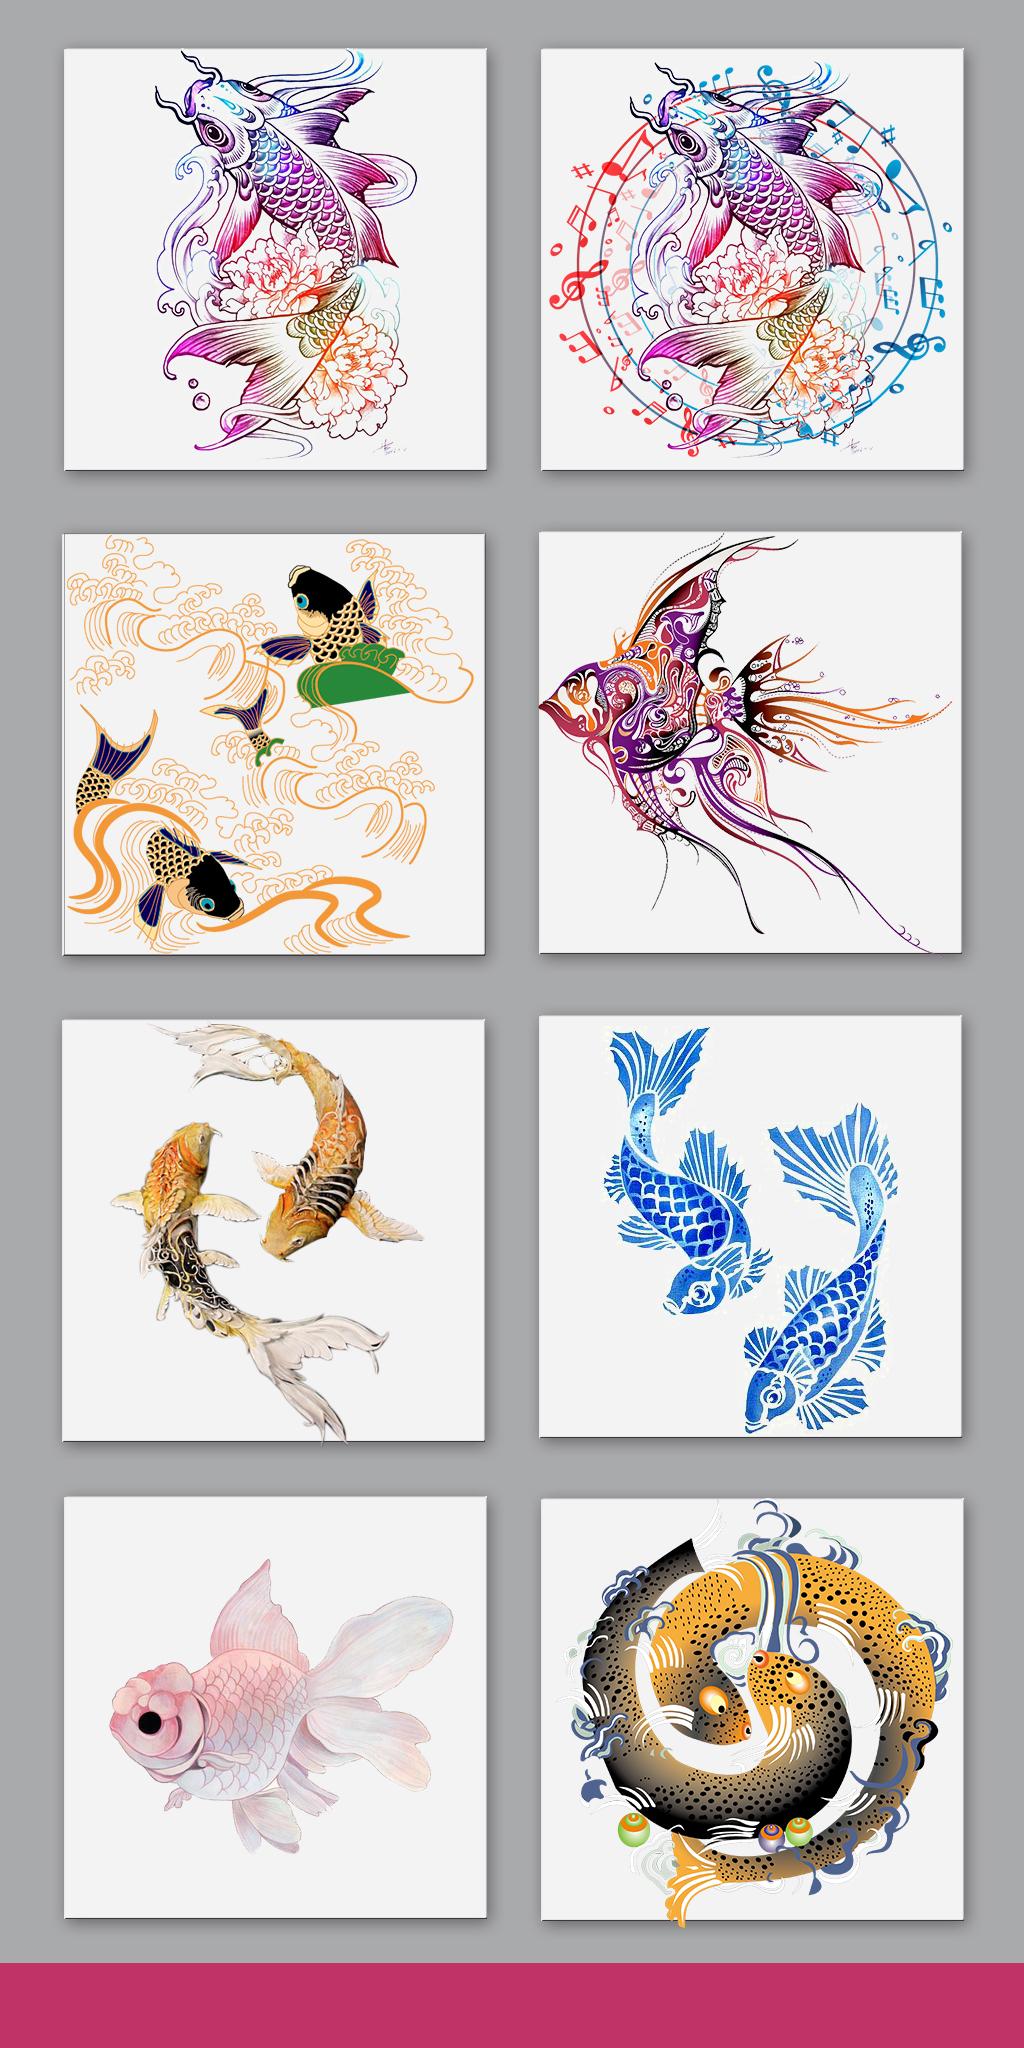 创意手绘彩色鱼中国风锦鲤元素素材